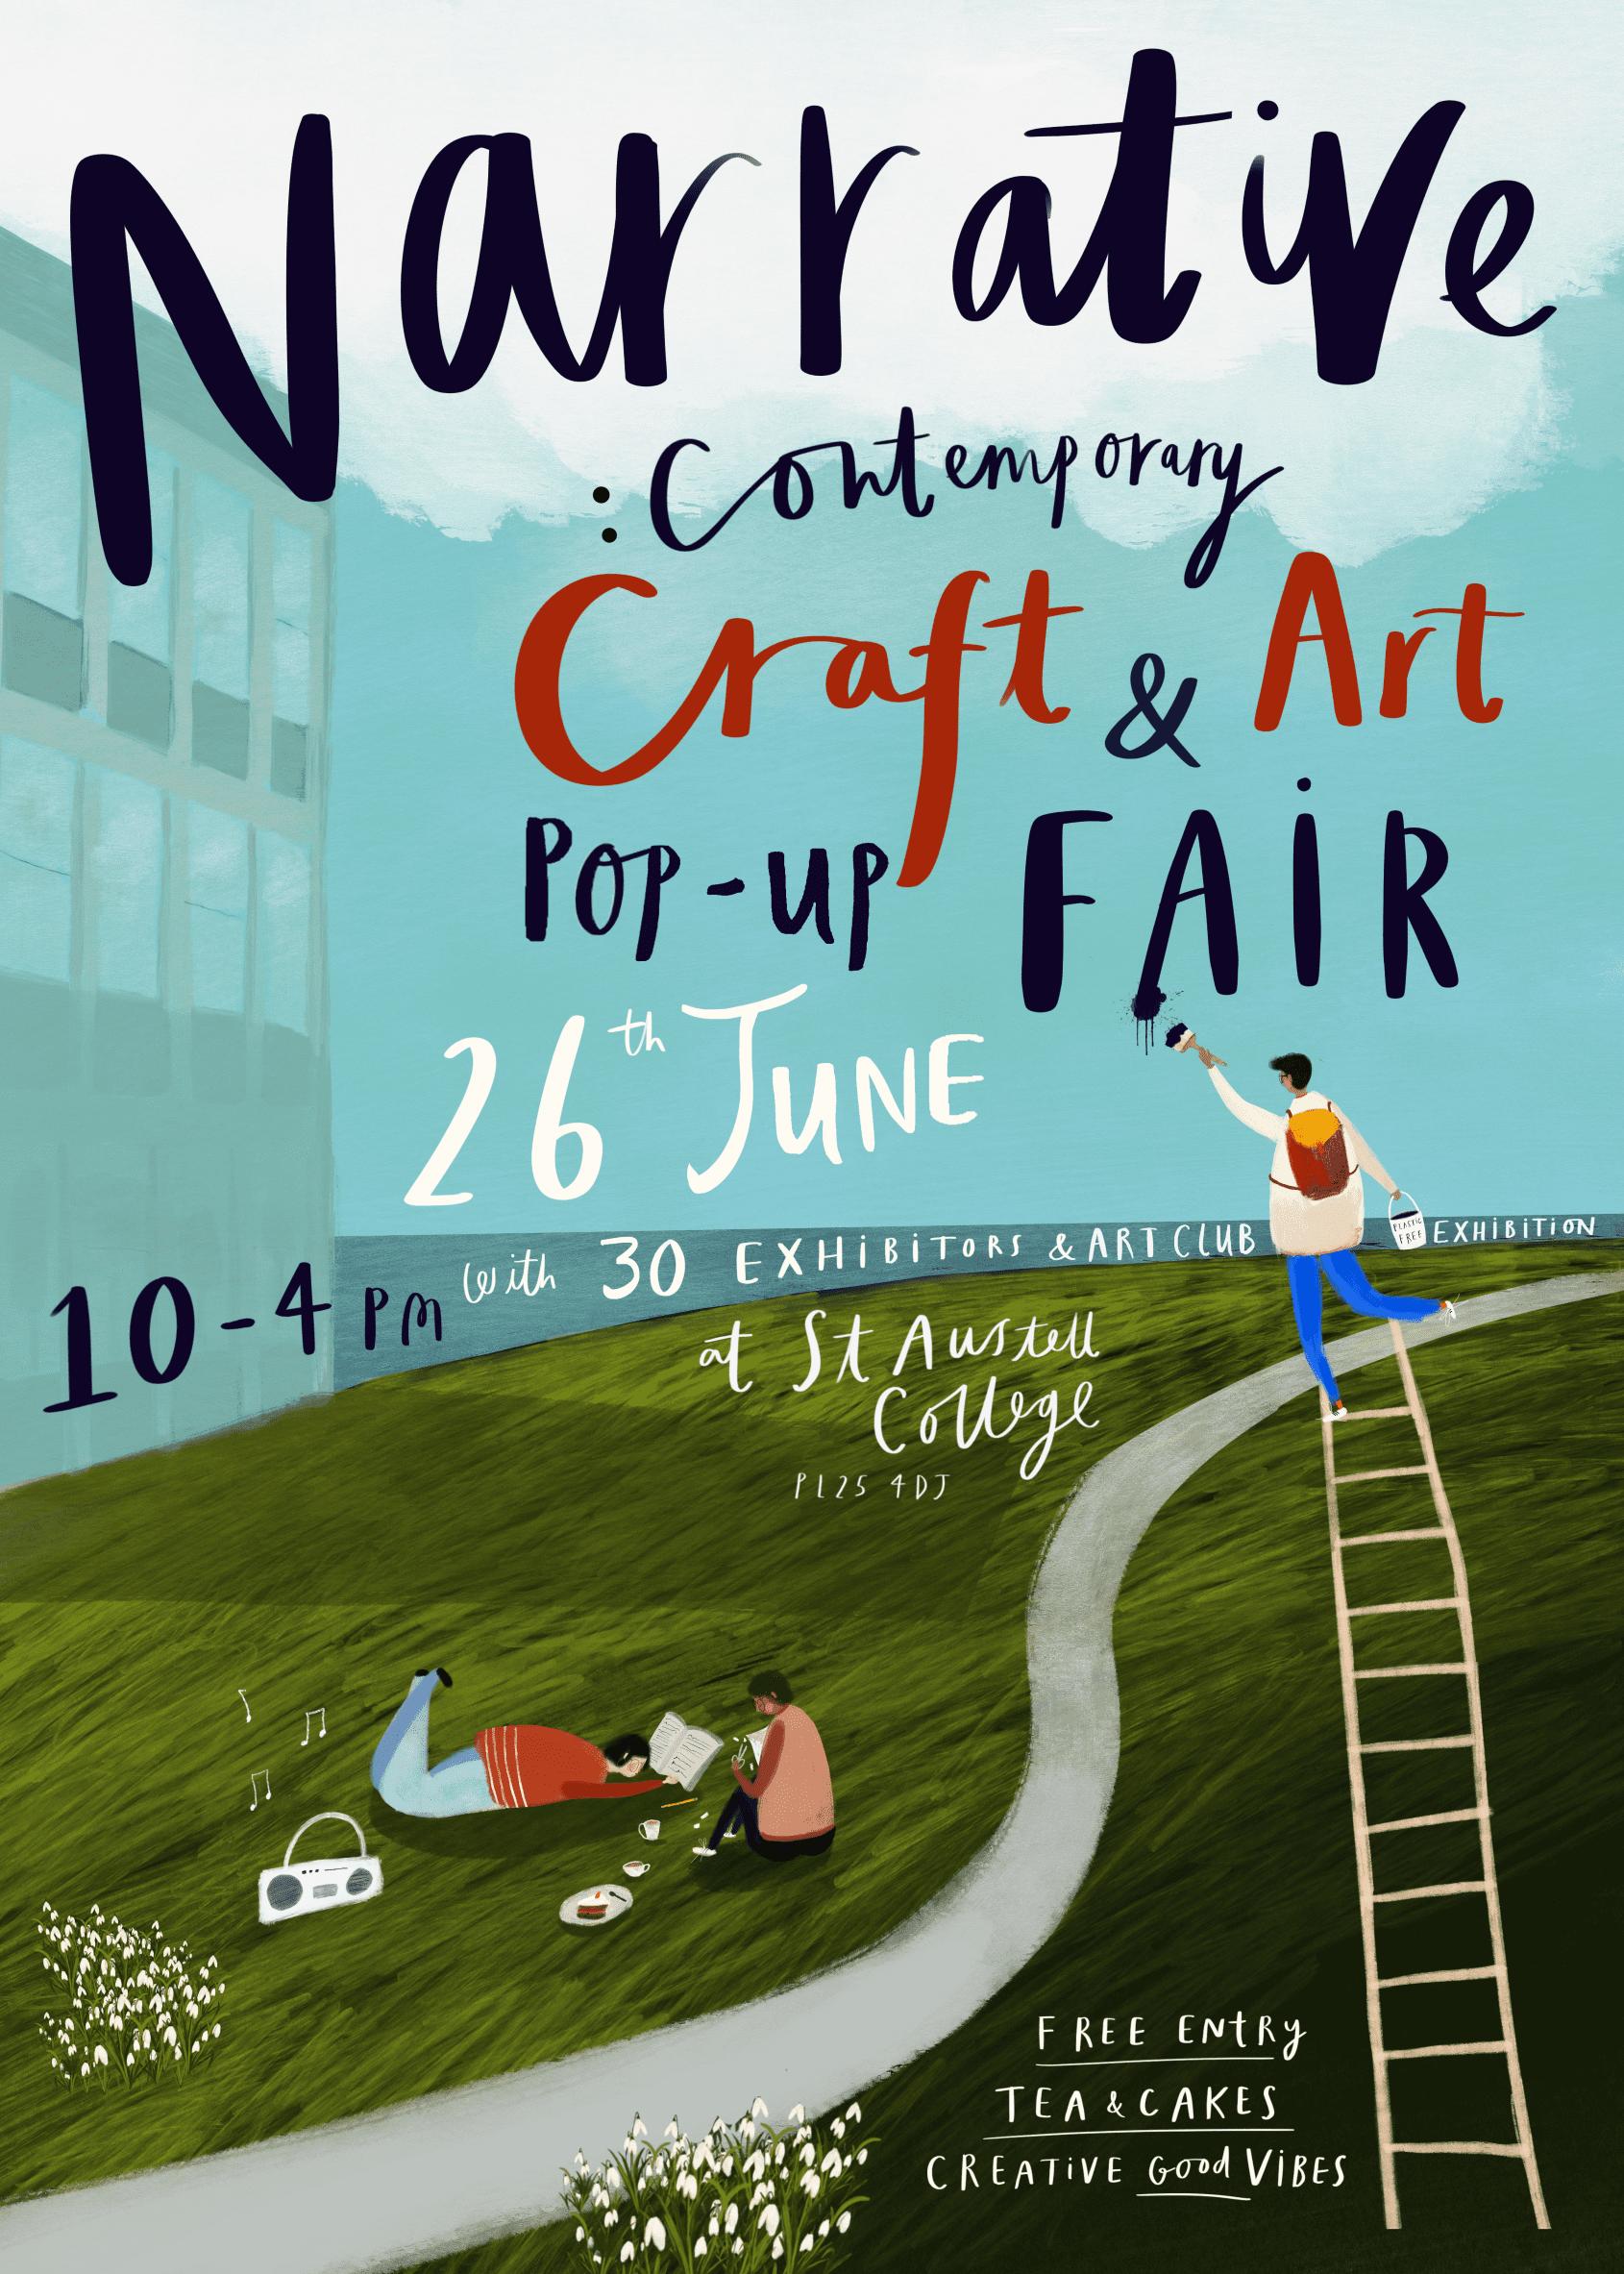 Narrative Craft Fair St Austell